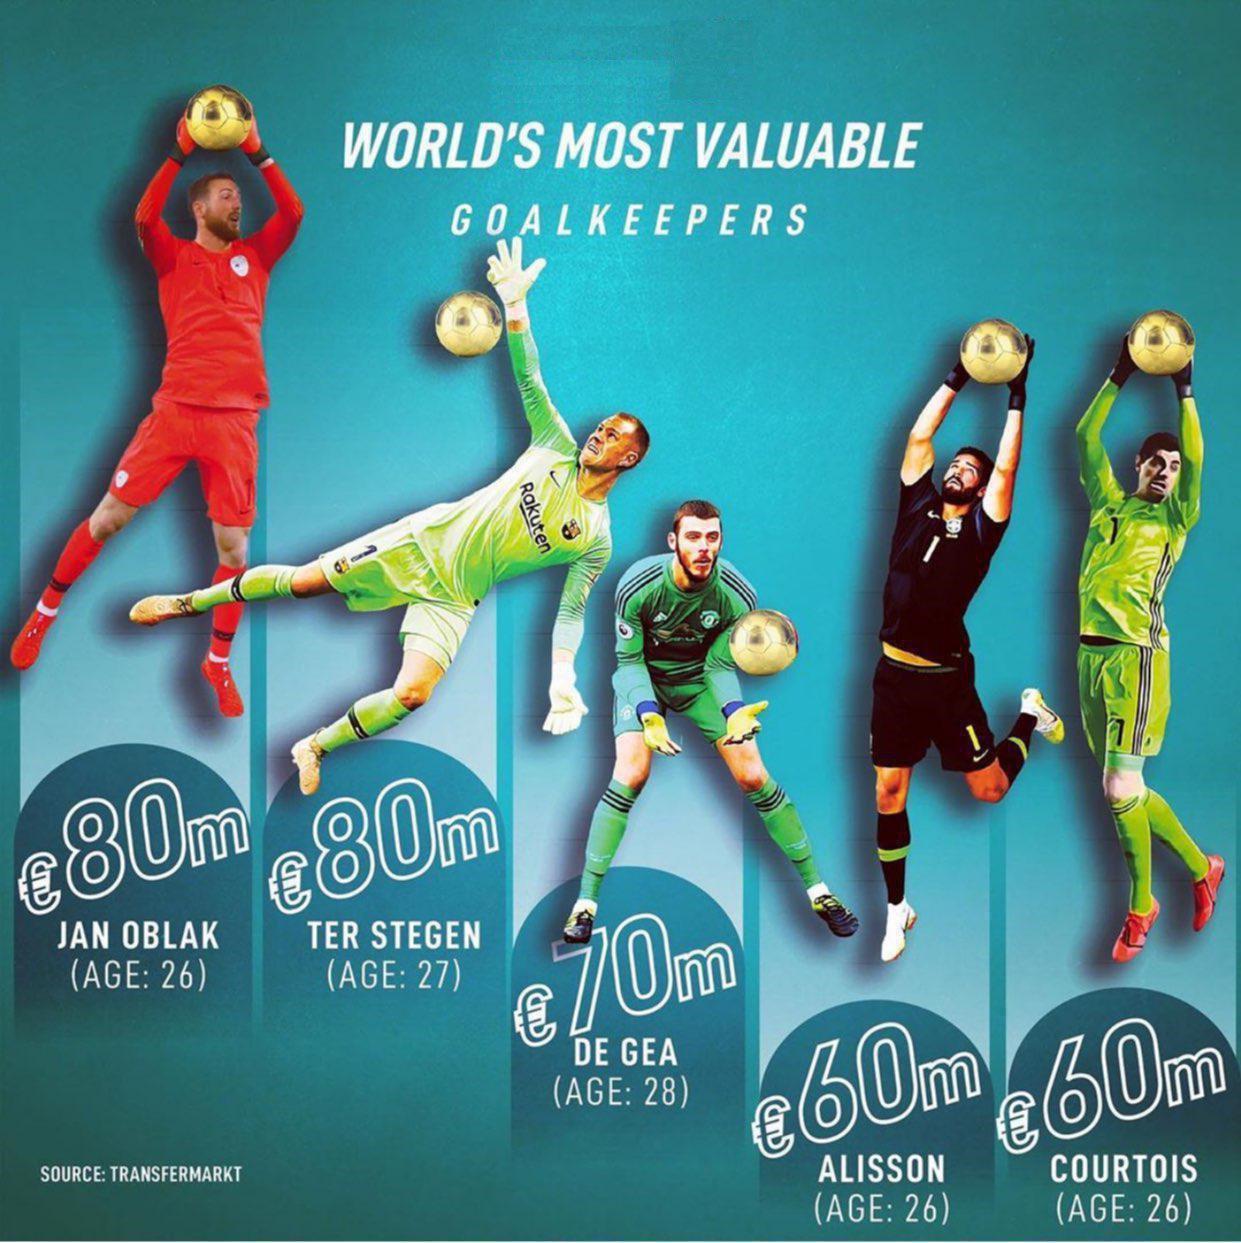 ارزشمندترین دروازبانان جوان فوتبال دنیا را بشناسید + تصویر